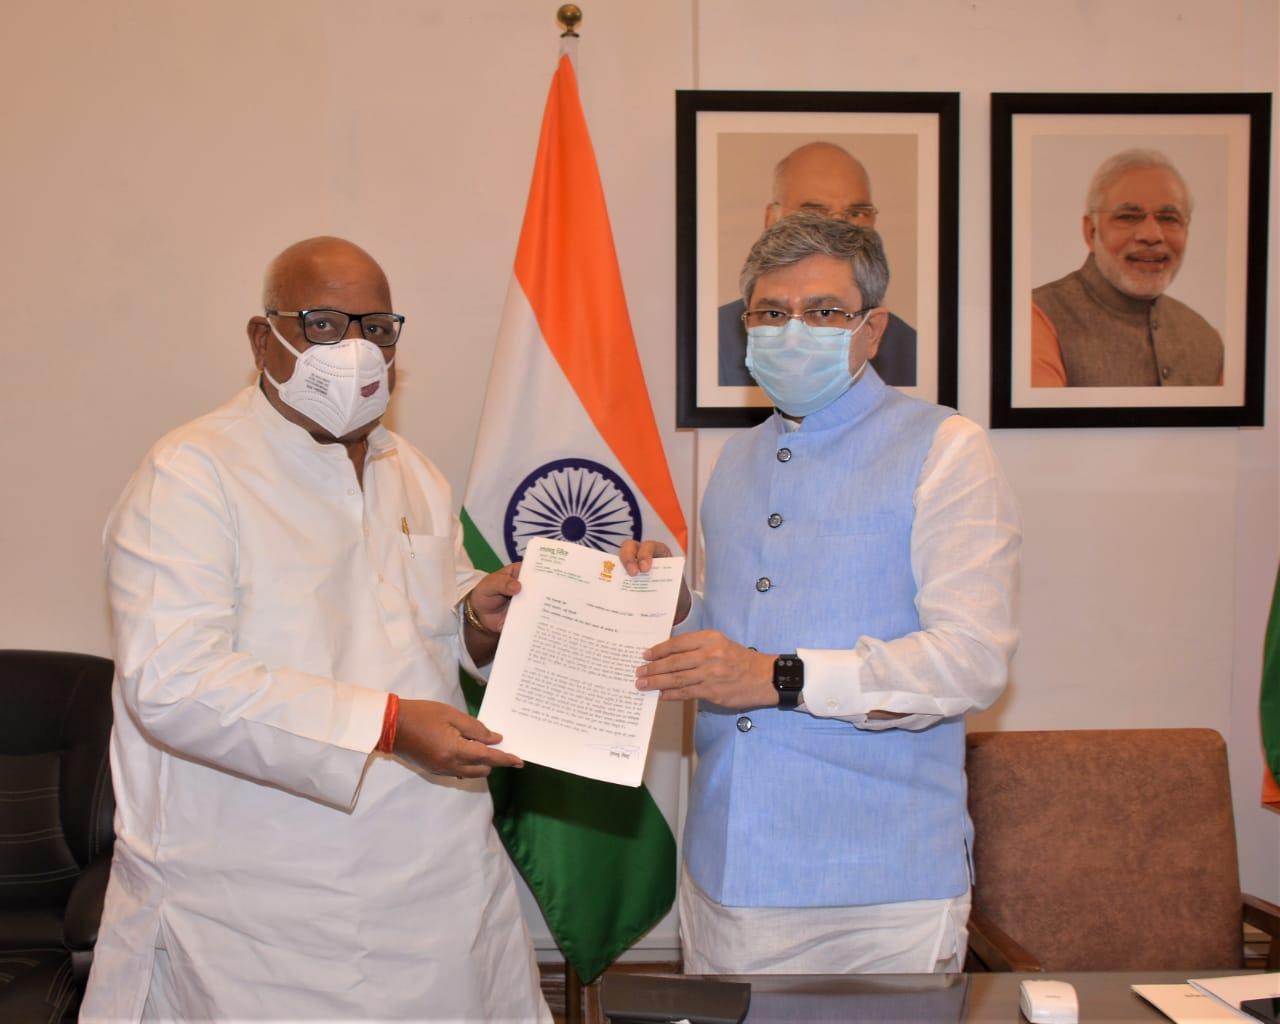 अयोध्या के सांसद लल्लू सिंह ने शुक्रवार को रेलमंत्री अश्विनी वैष्णव से मुलाकात की। - Dainik Bhaskar